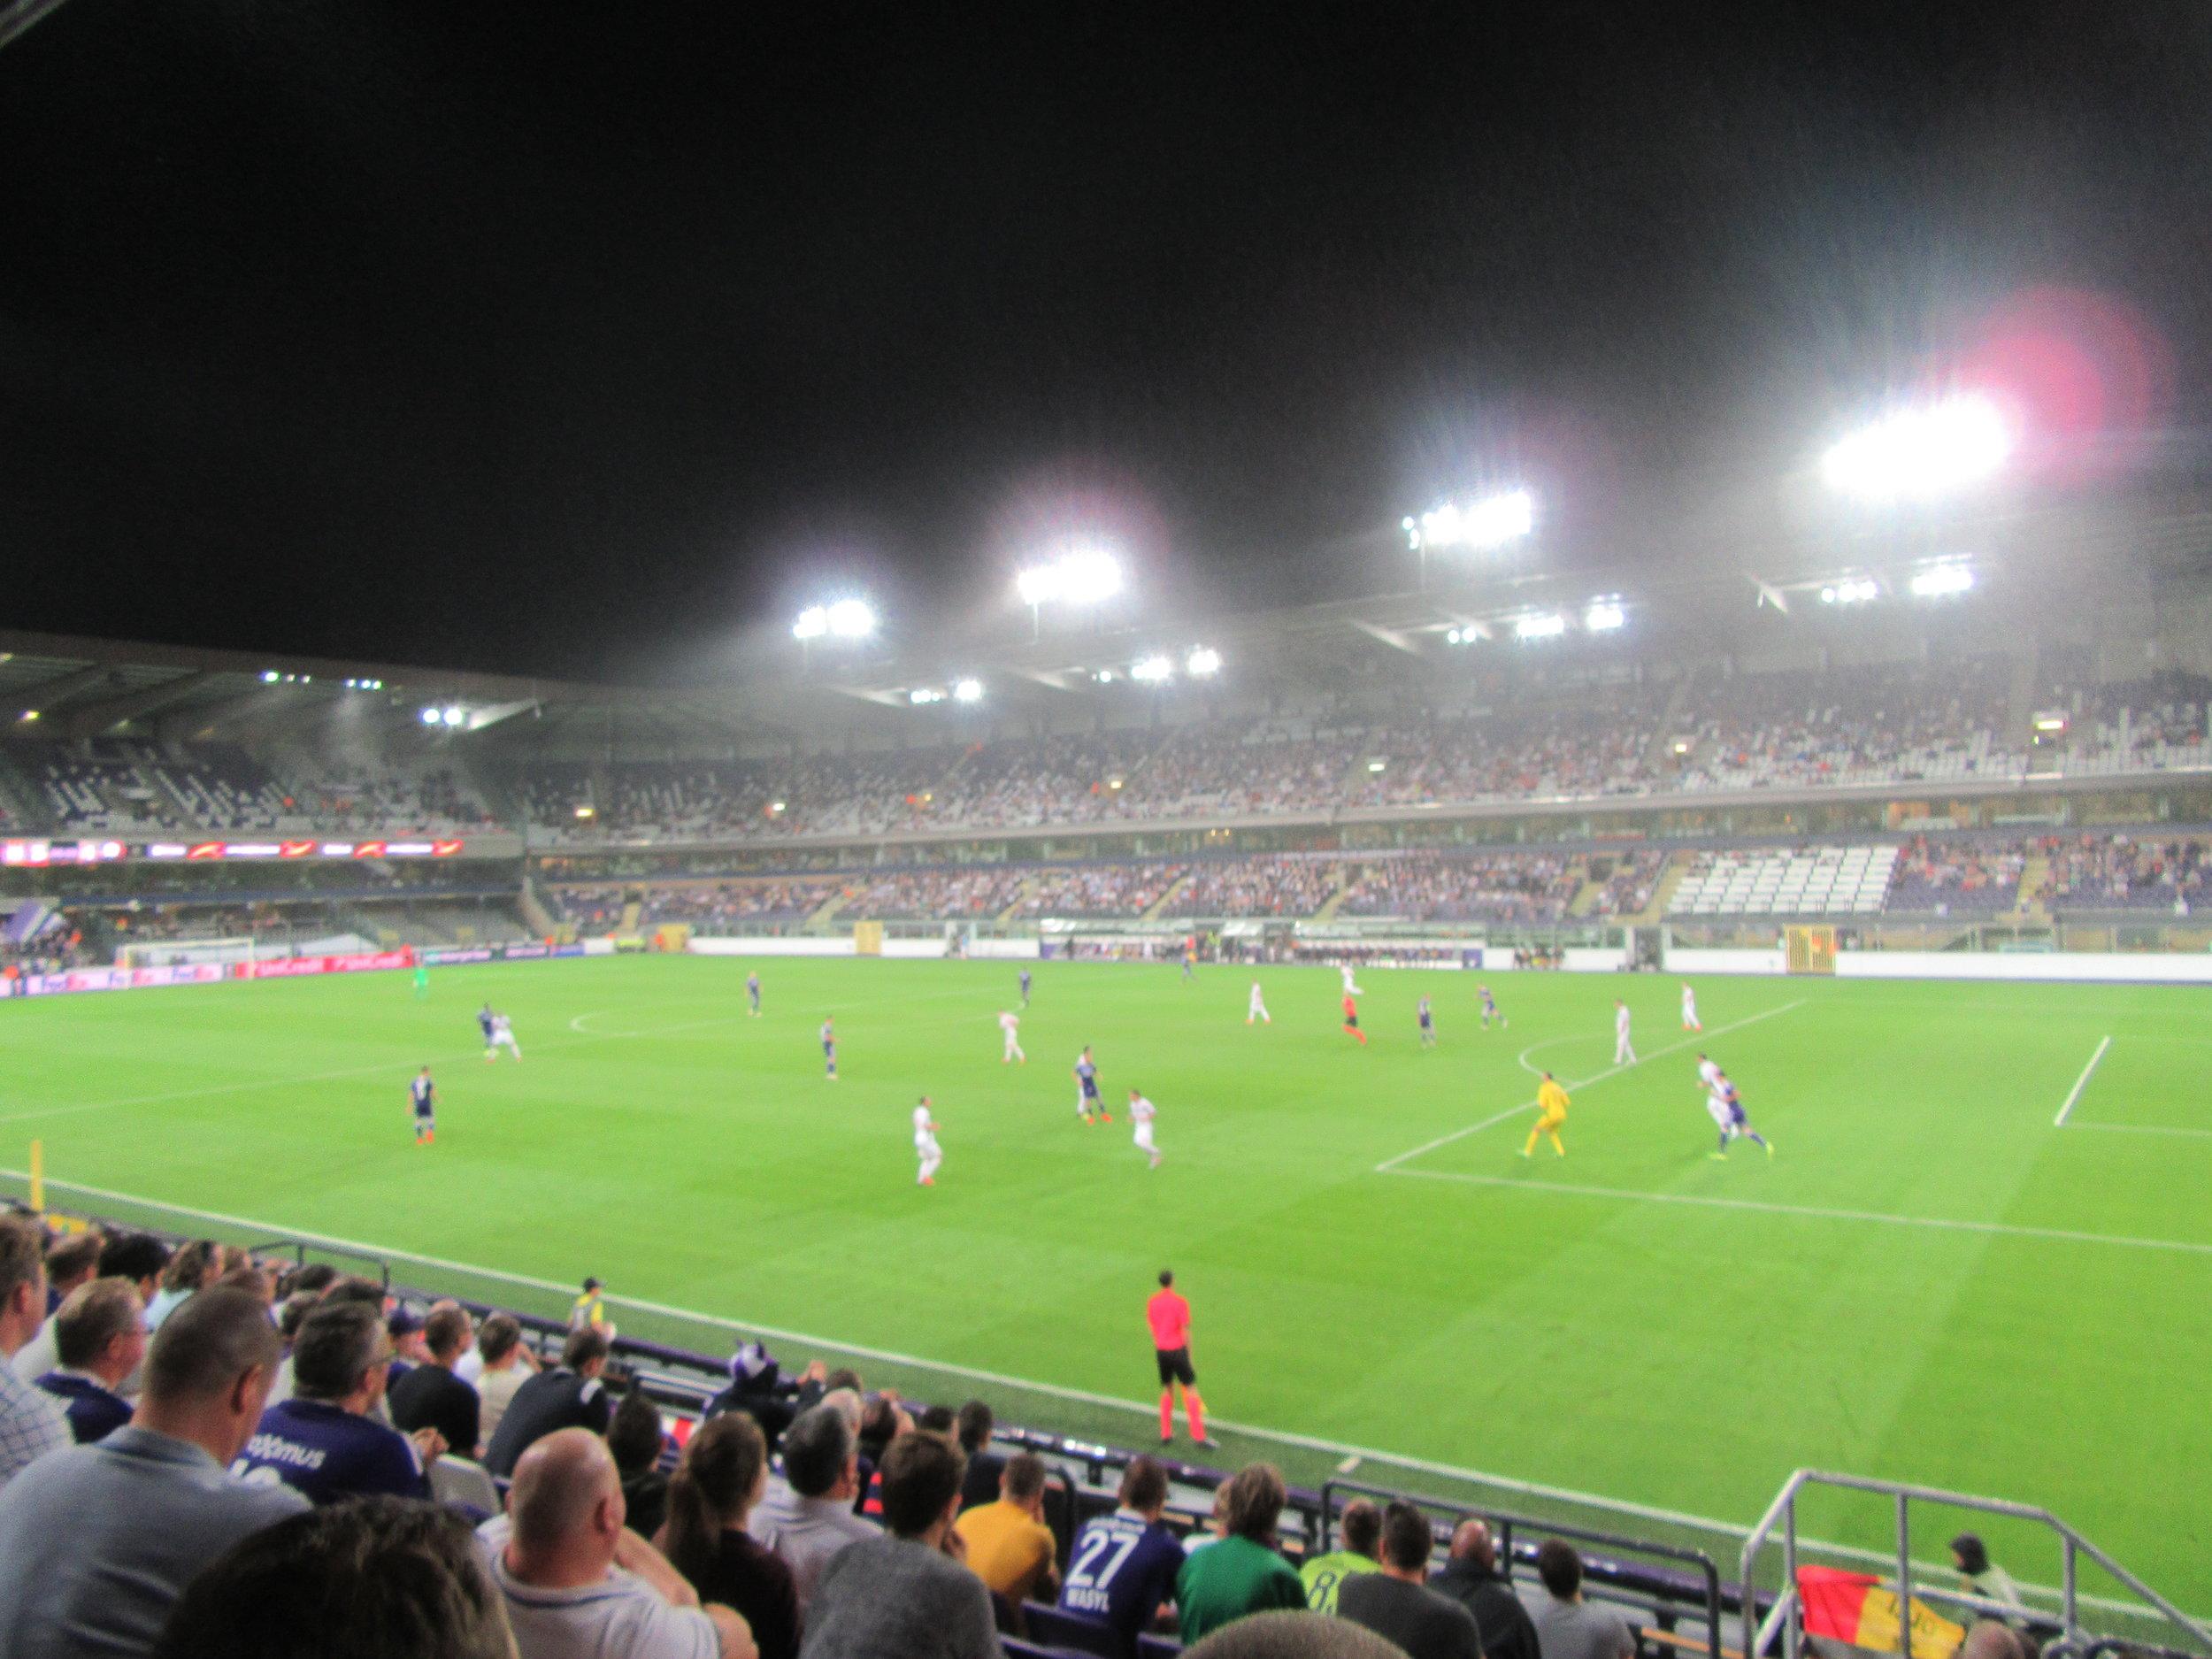 Constant-Vanden-Stock-Stadium-Football-Game